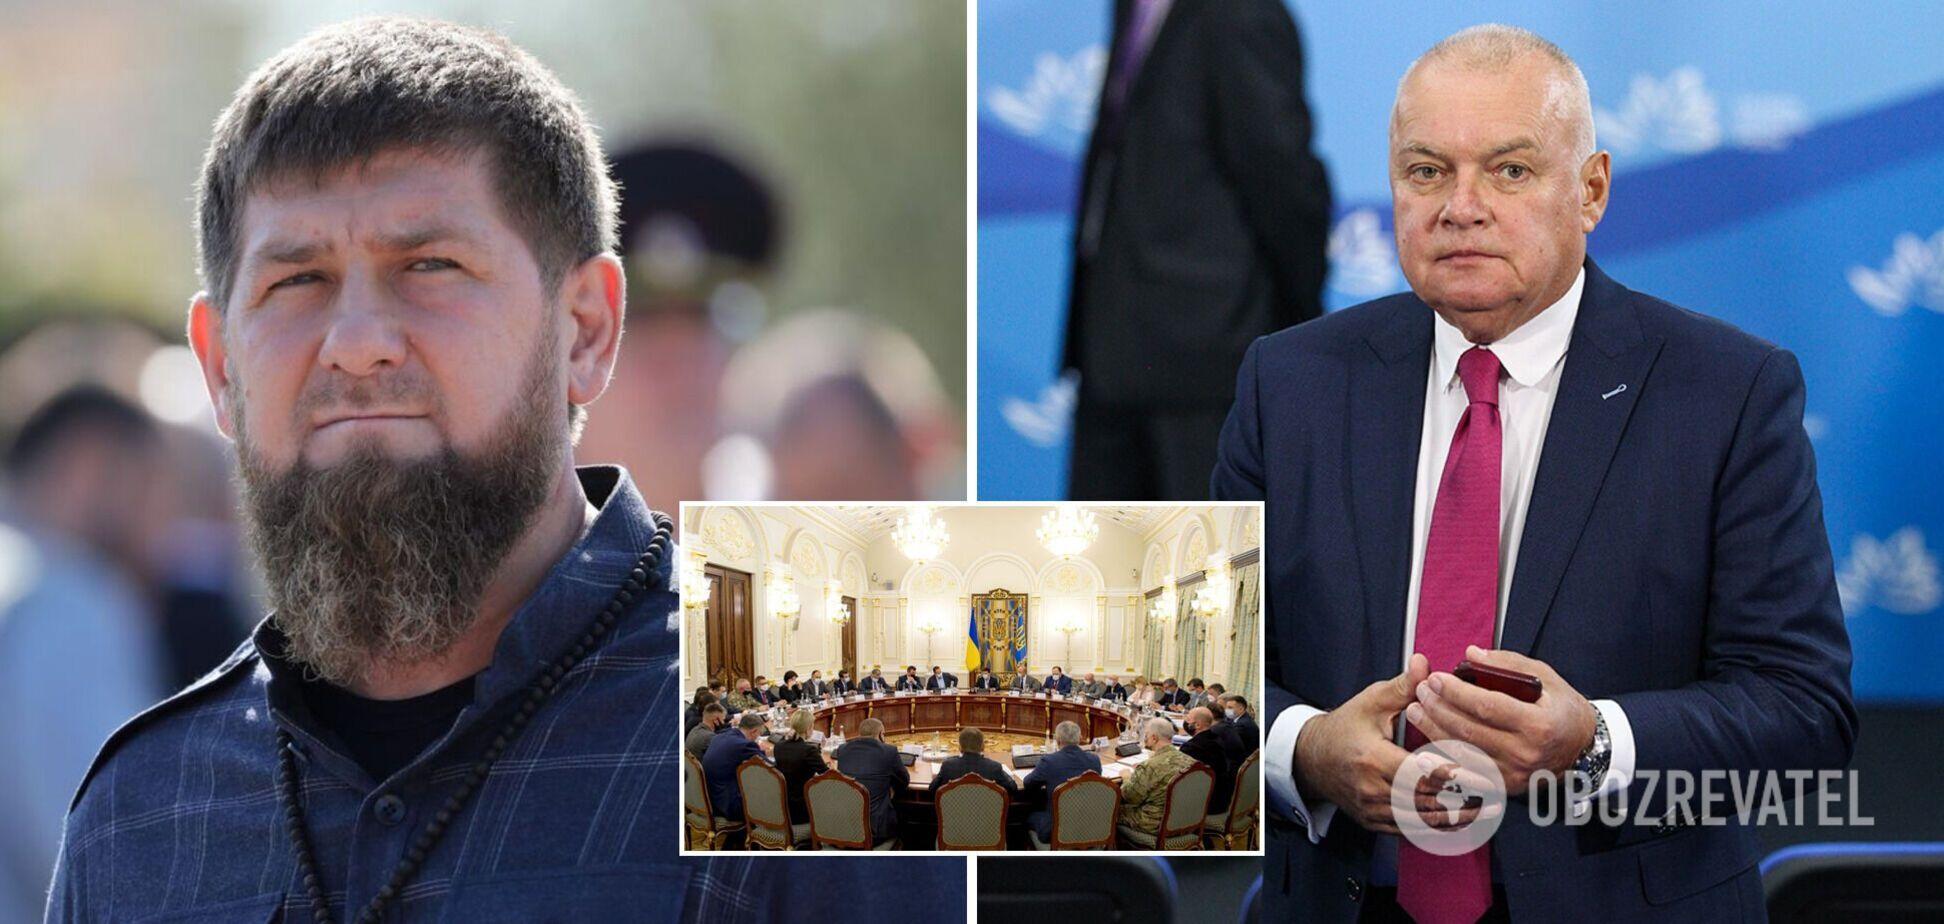 Украина продлила санкции против более 1,7 тысячи лиц: среди них Кадыров и Киселев